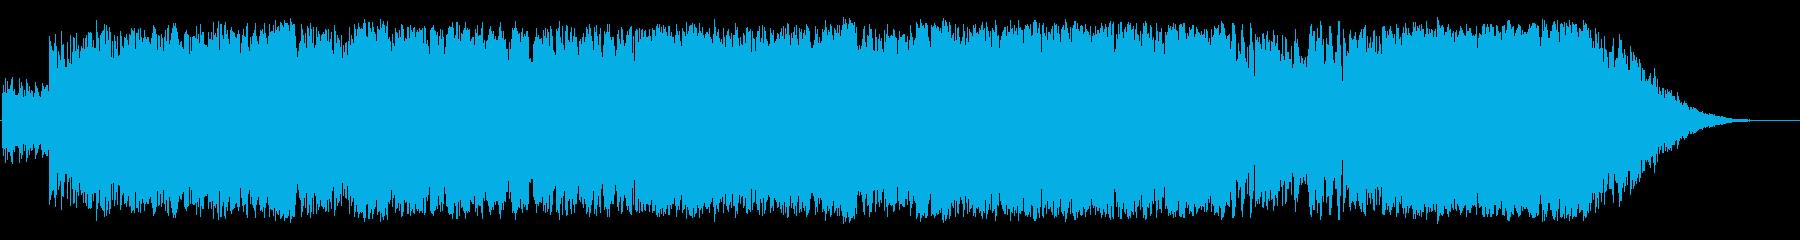 青空の中の戦闘機の再生済みの波形